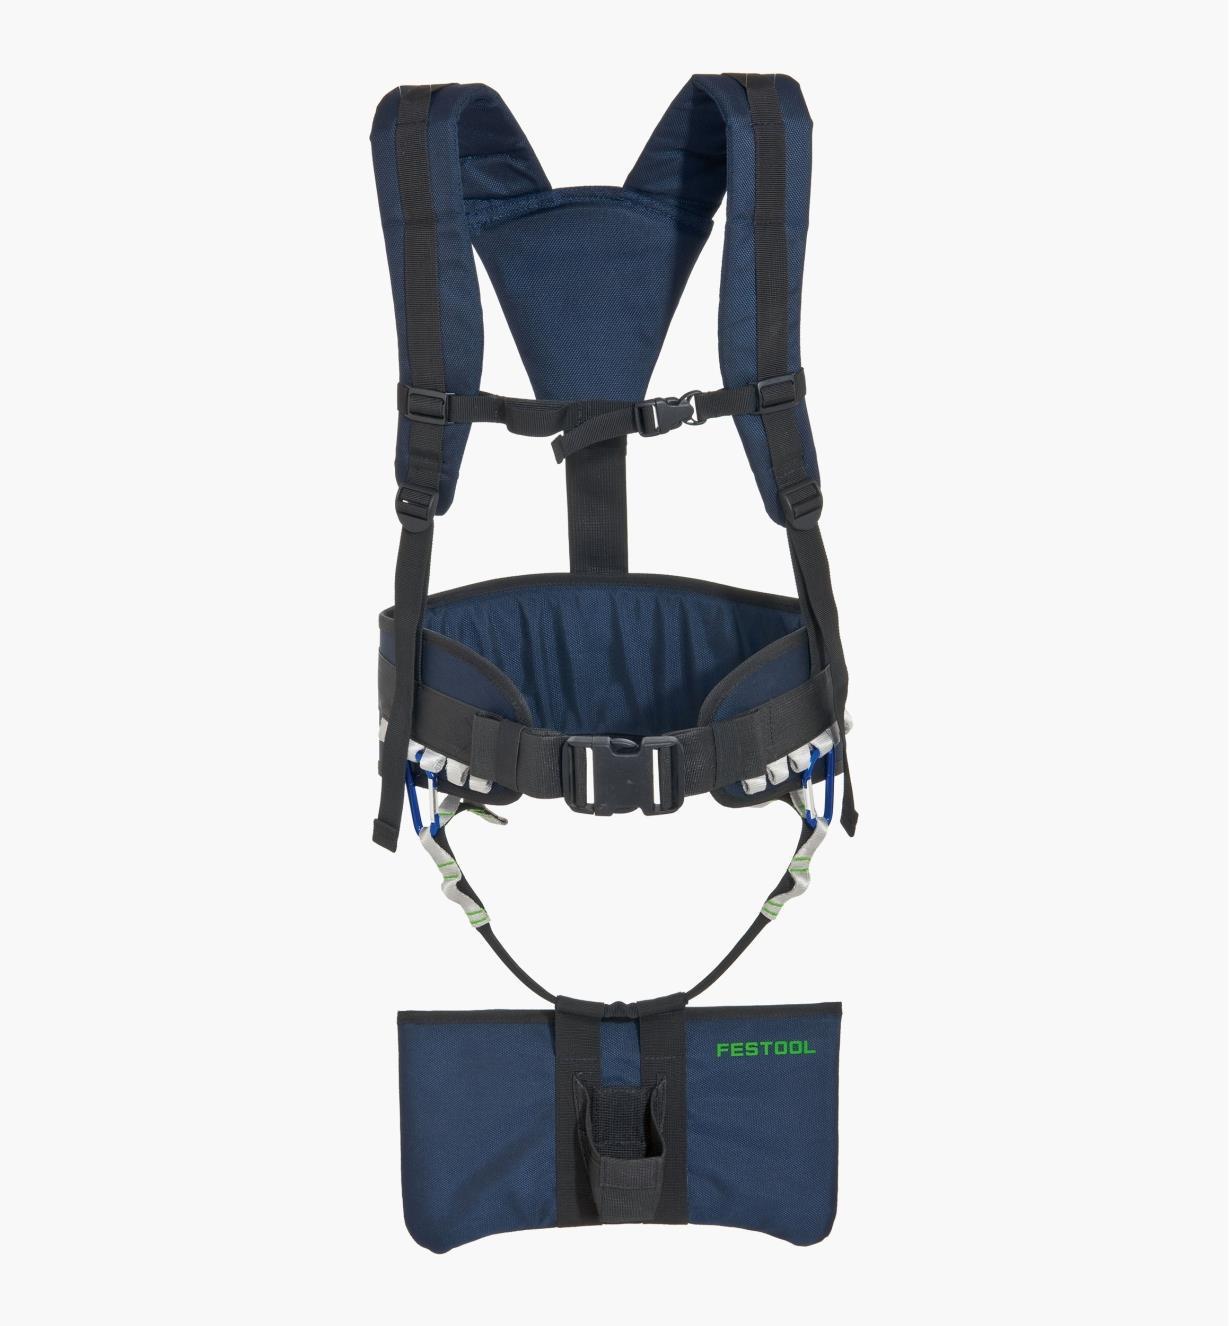 ZA496911 - Planex Harness